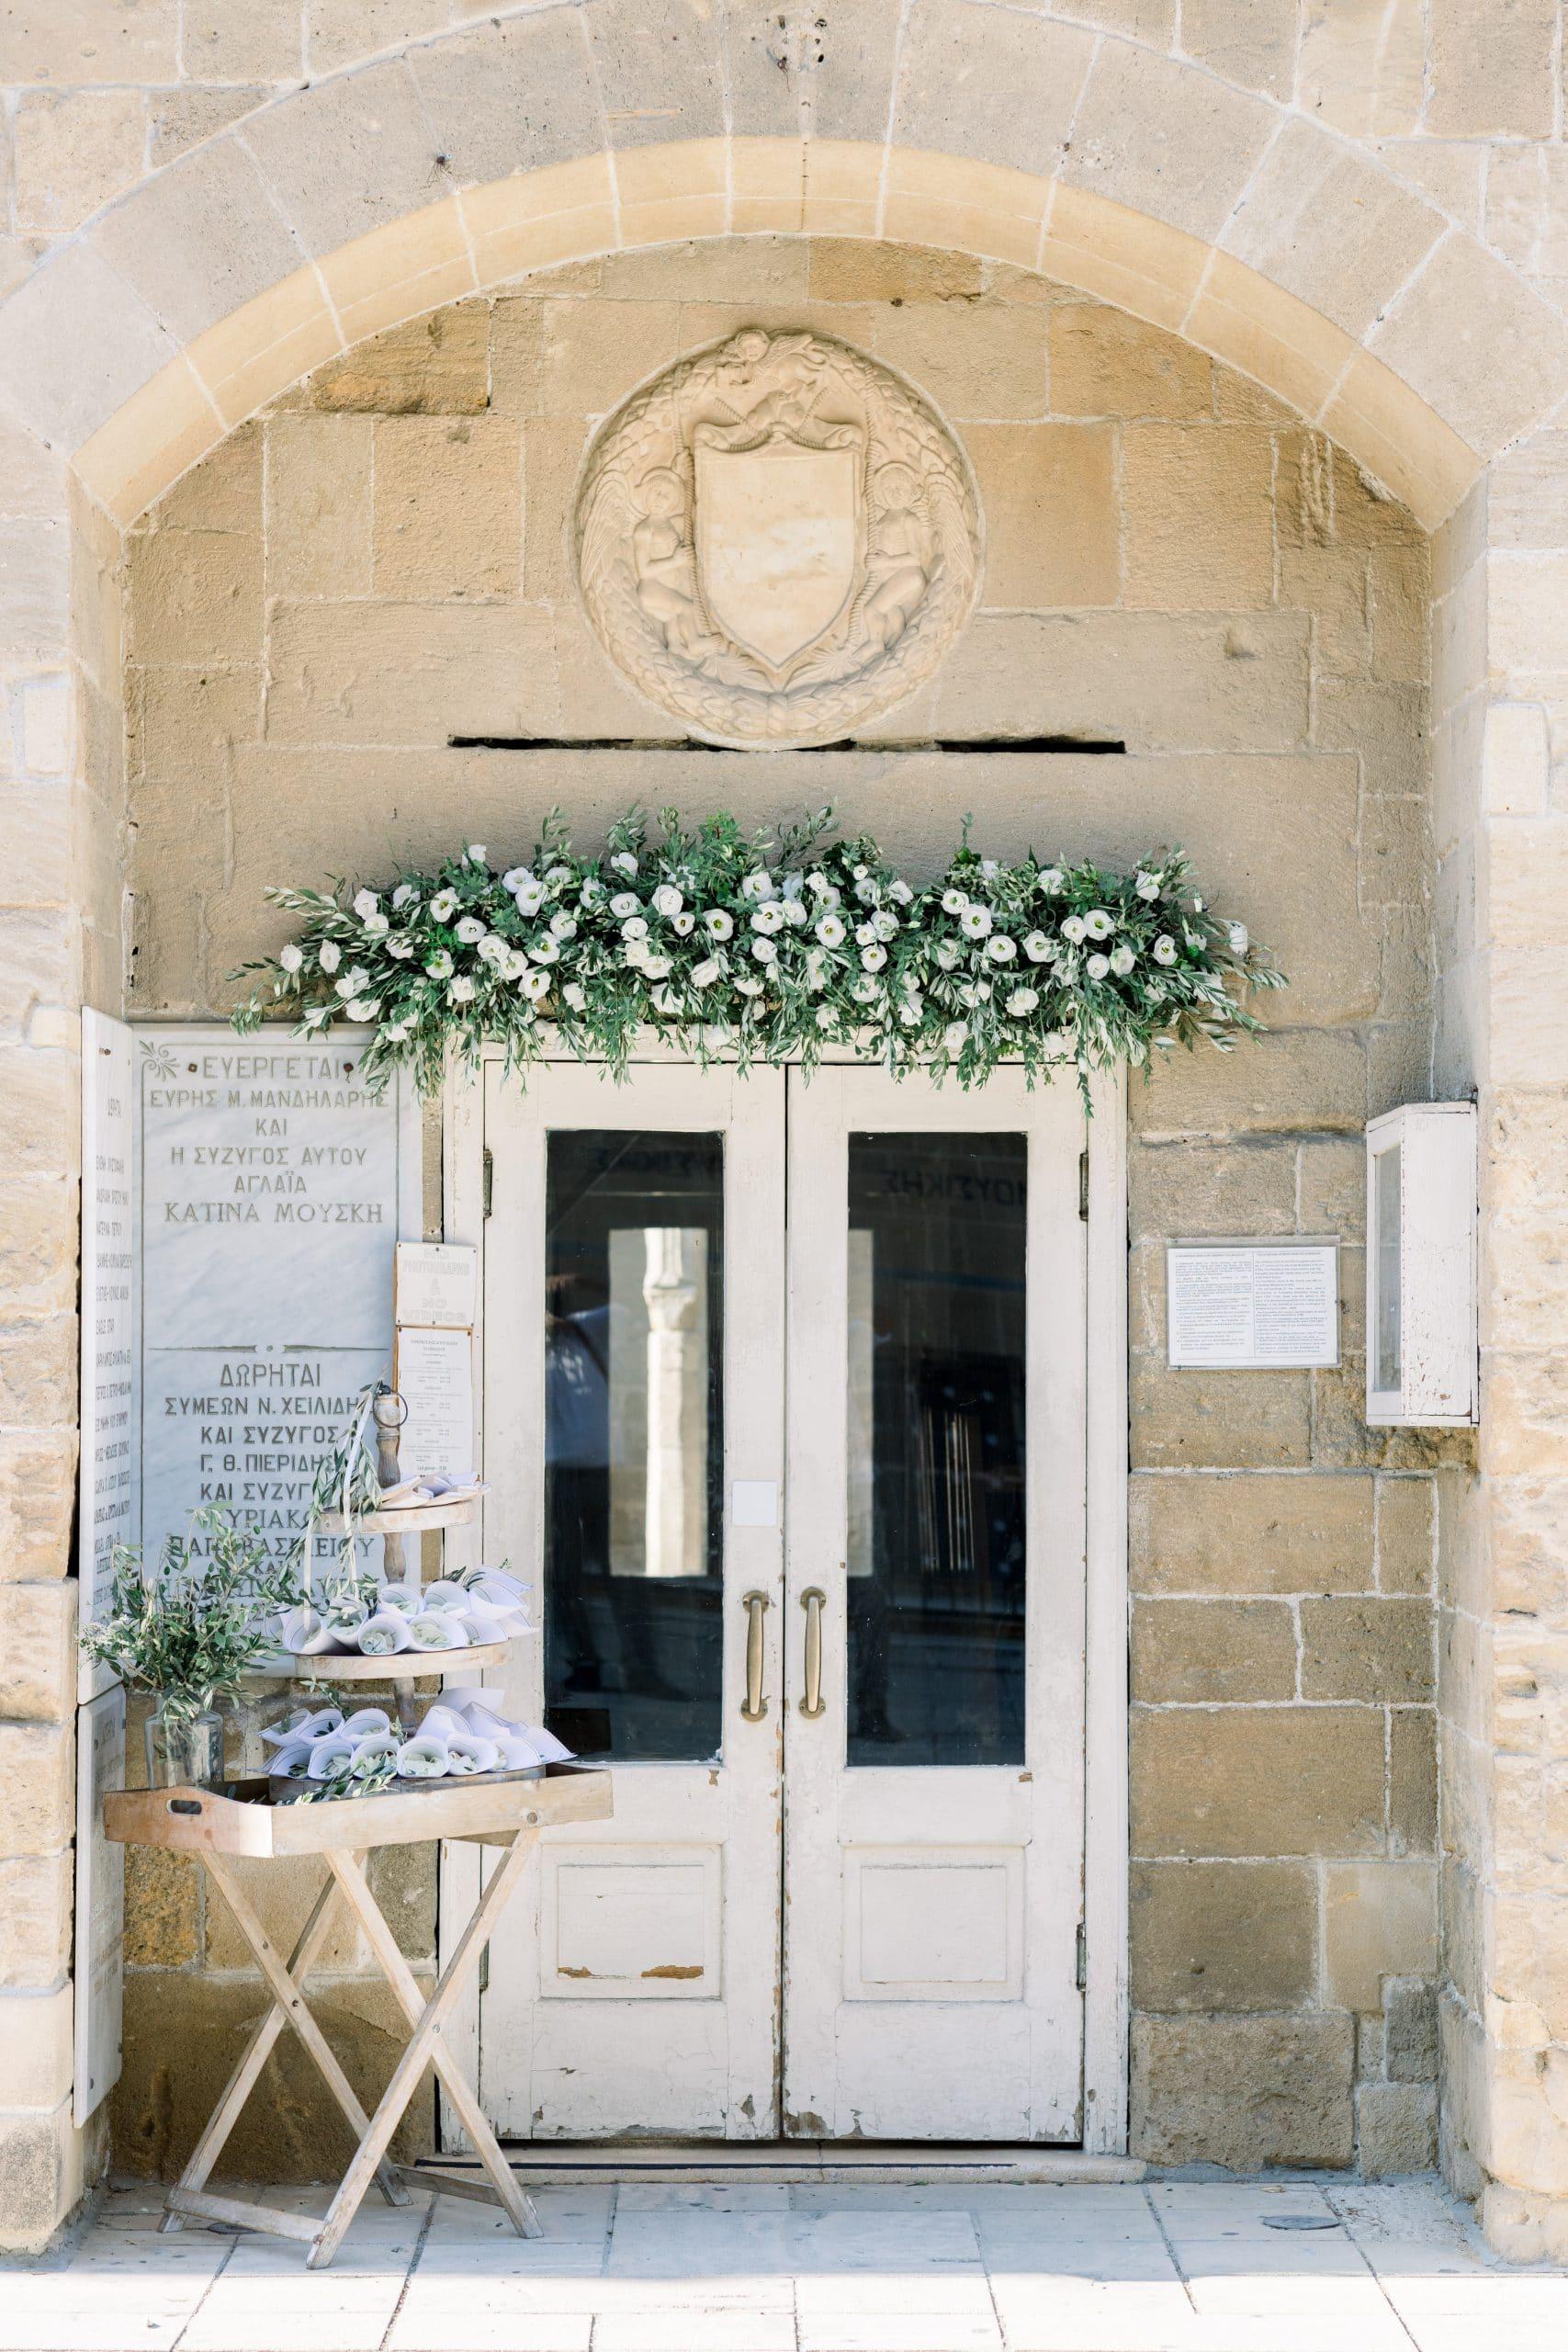 Ρομαντικός στολισμός εισόδου εκκλησίας με γιρλάντα από φρέσκα λουλούδια